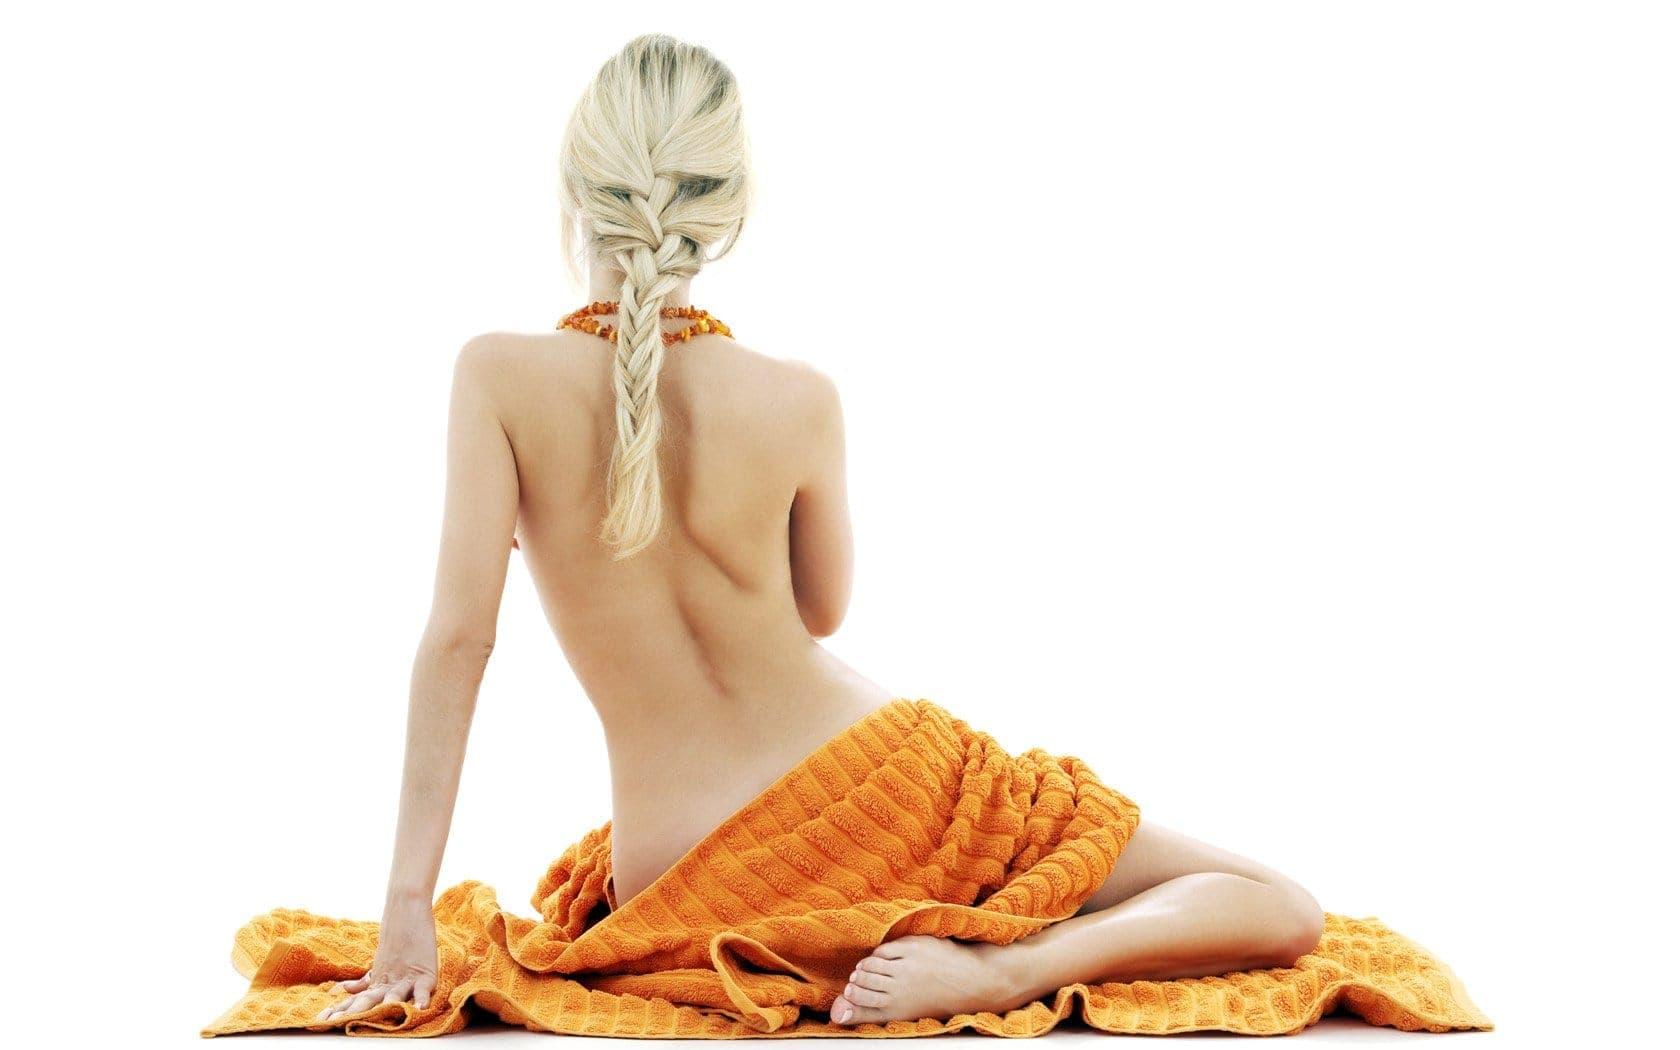 Витамин С оказывает положительное влияние на женский организм, если принимать его в положенных дозах (не более 75 мг. в сутки). Бесконтрольный же приём кислоты способен пагубно влиять на многие системы и органы